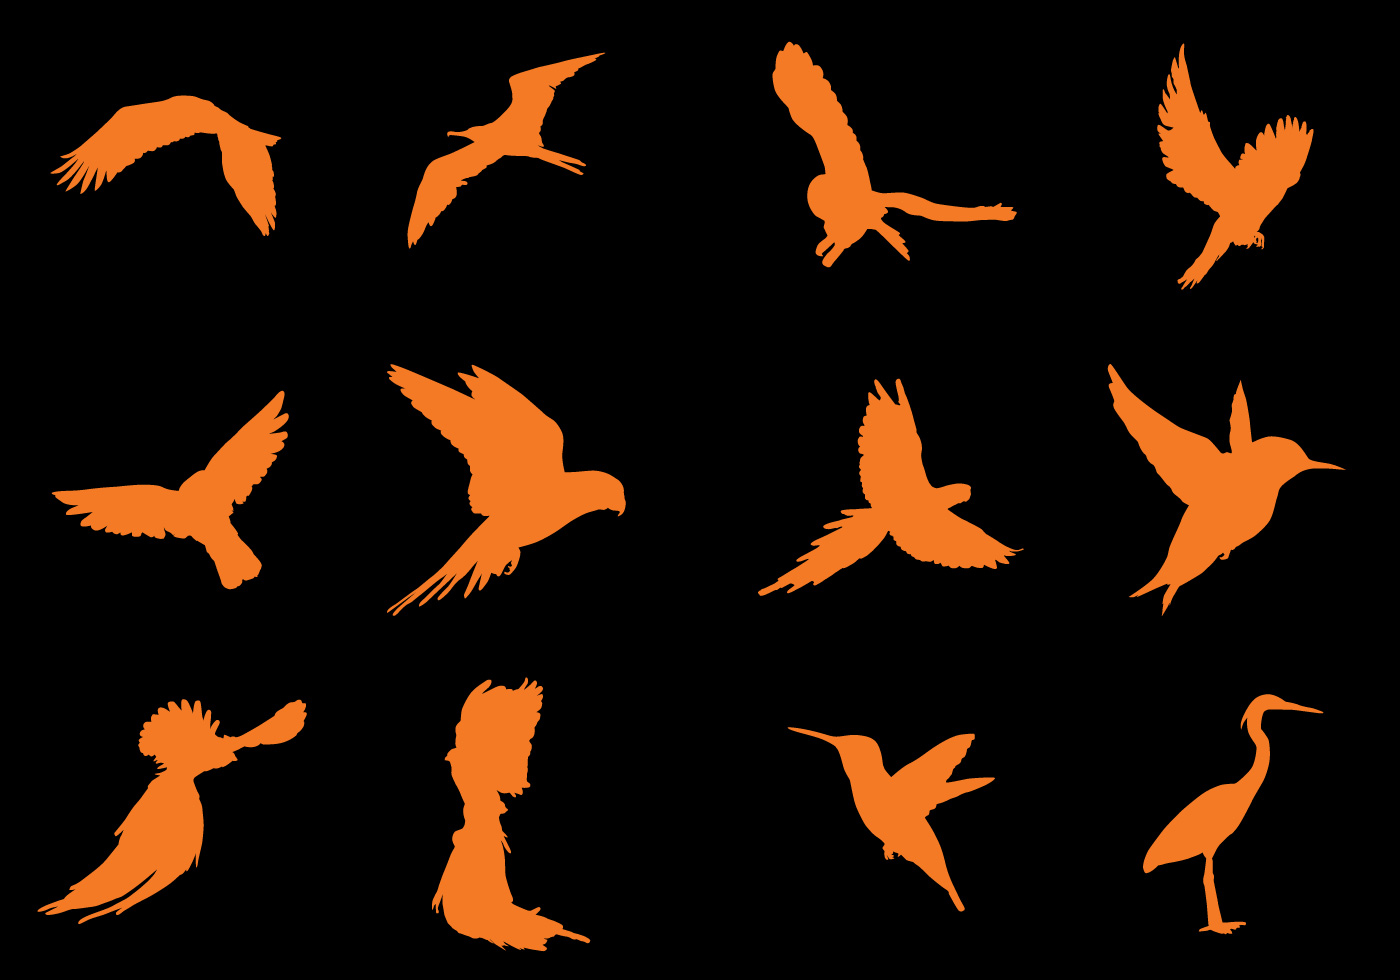 Flying Bird Silhouette Vectors - Download Free Vectors, Clipart Graphics & Vector Art